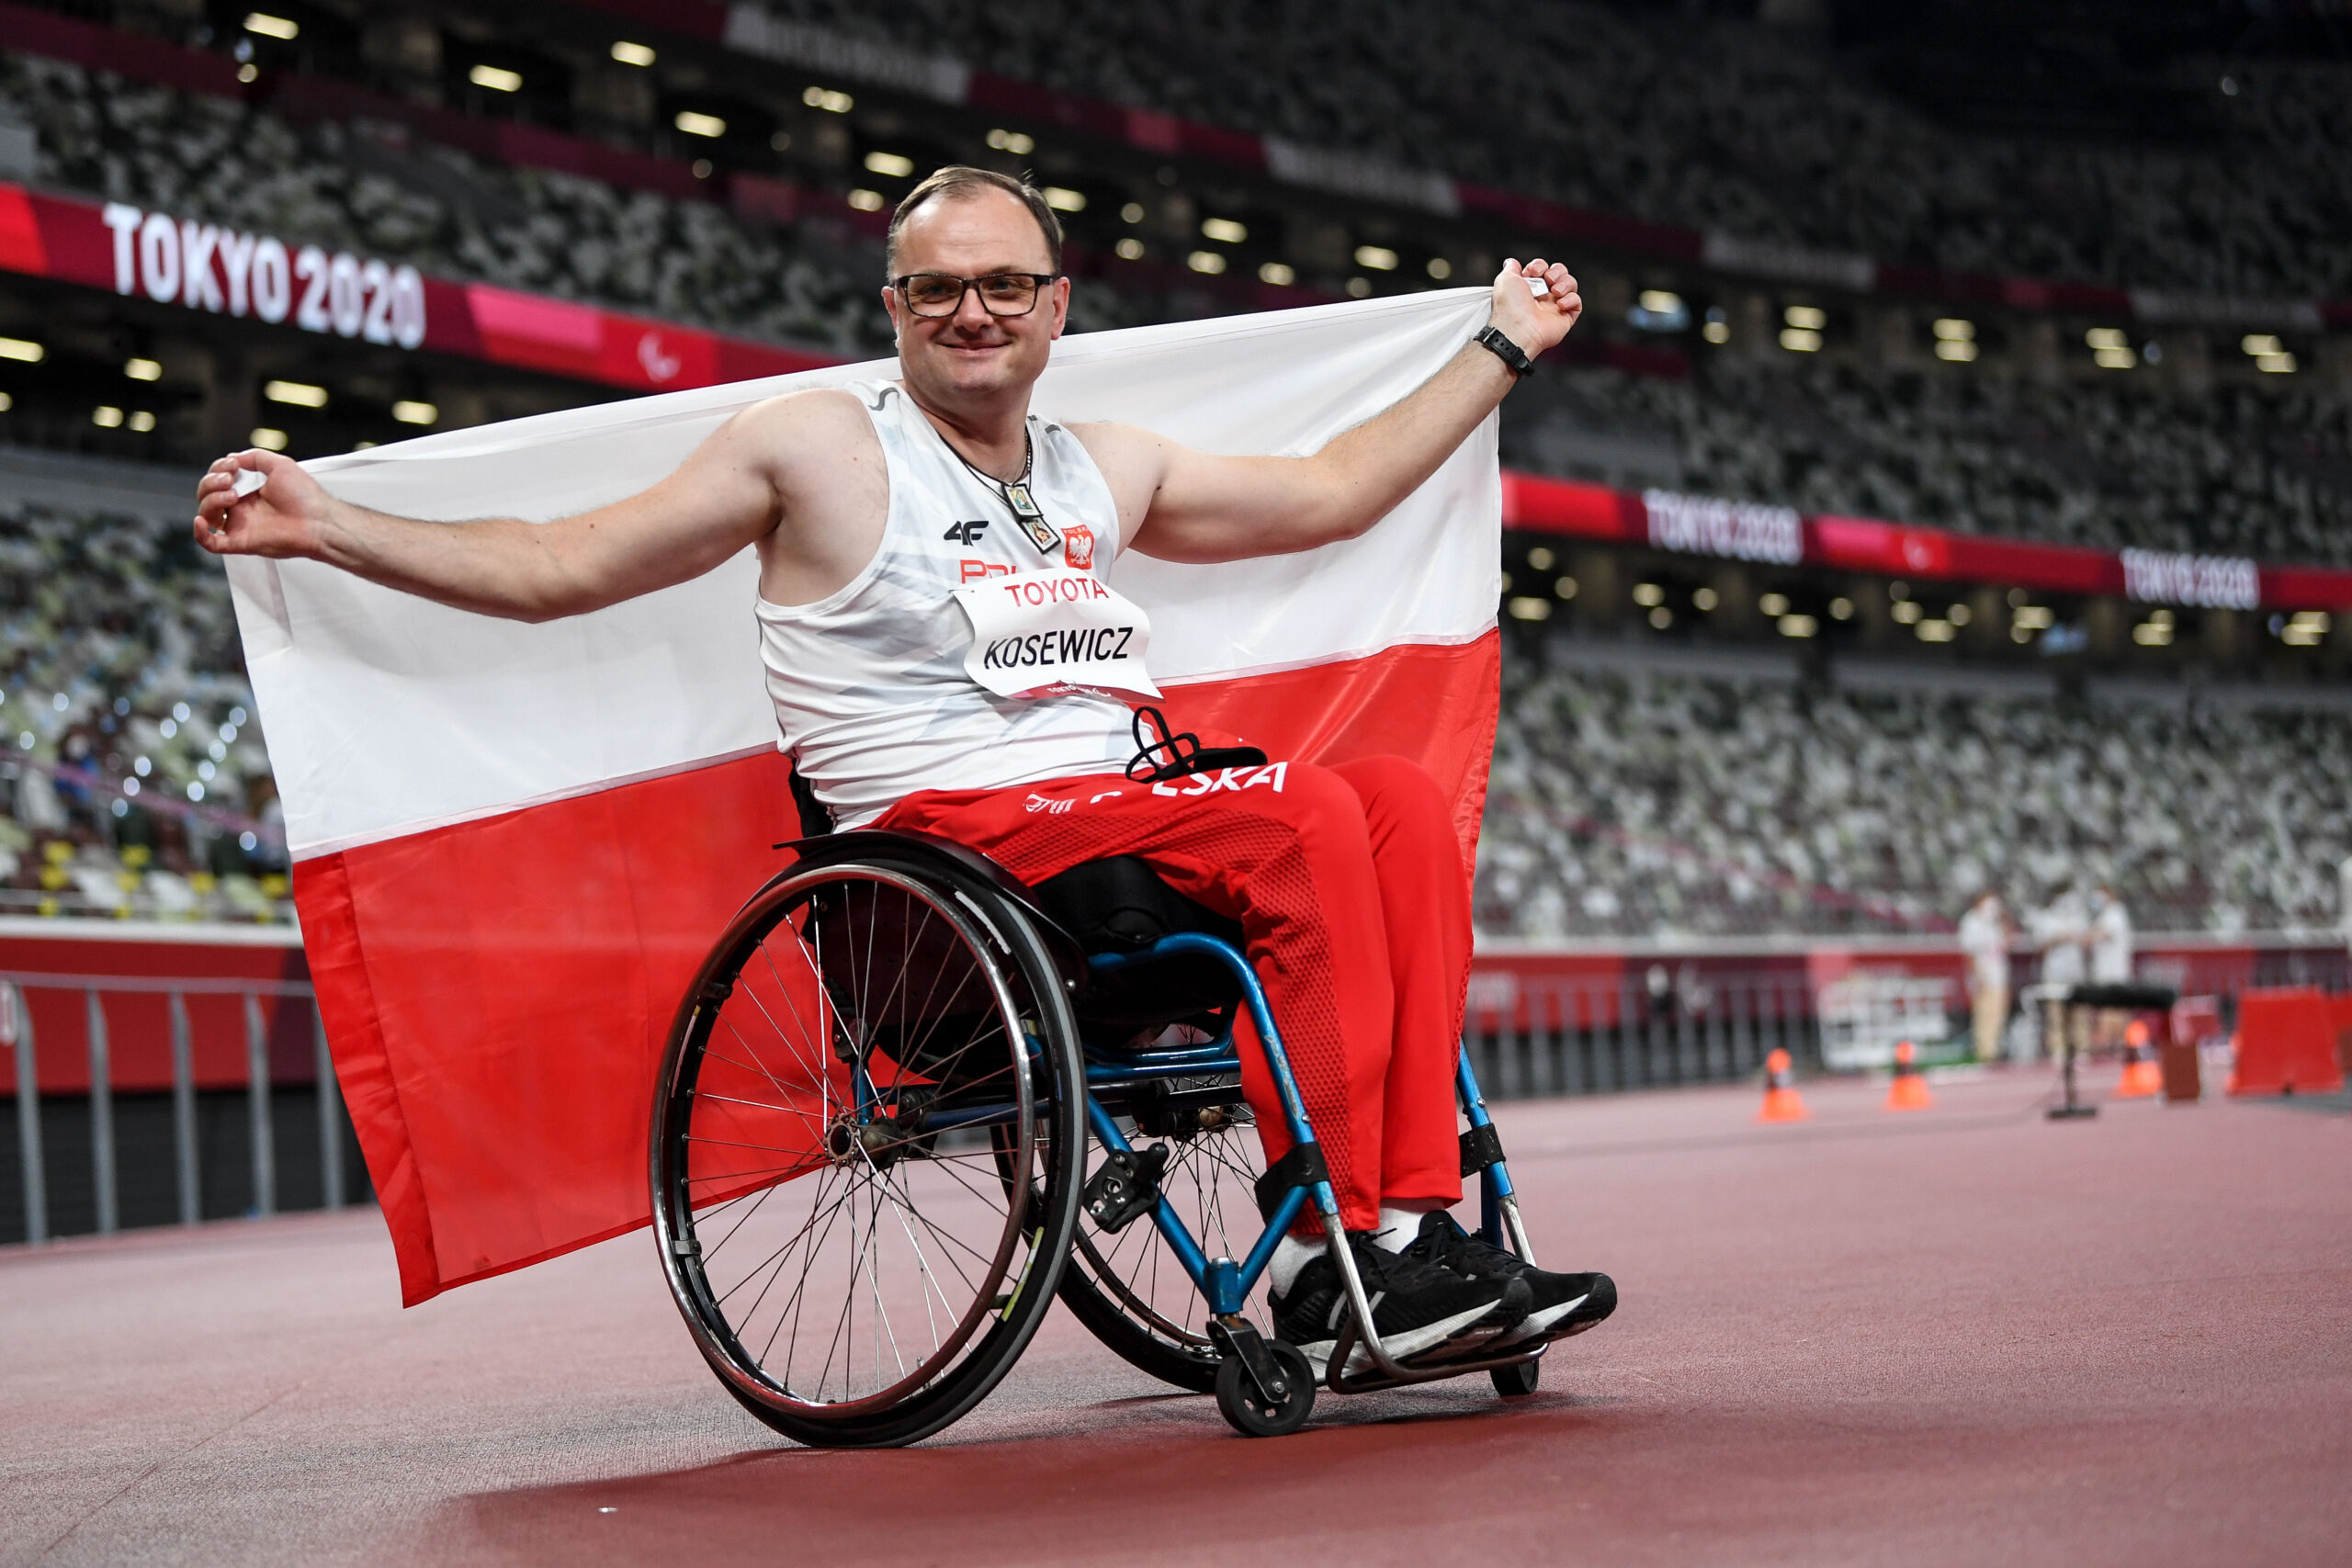 Mieszkaniec Zawidowa Piotr Kosewicz – zwycięzcą i złotym medalistą Igrzysk w Tokio